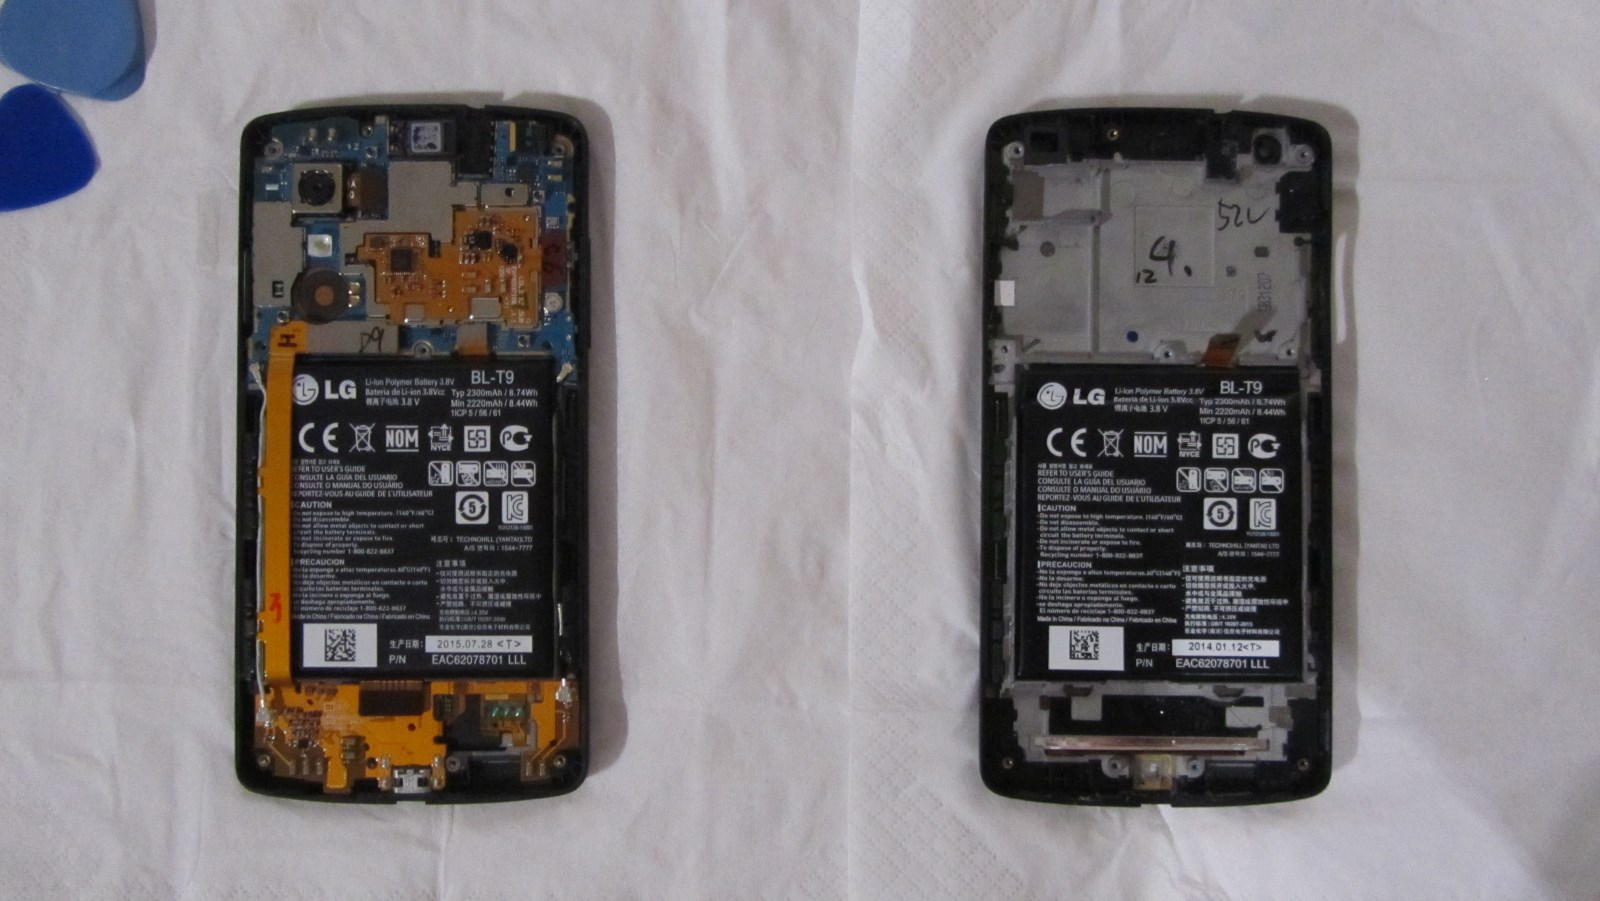 insides.jpg.d1959fef1682c92e044965b0c14c4dec.jpg